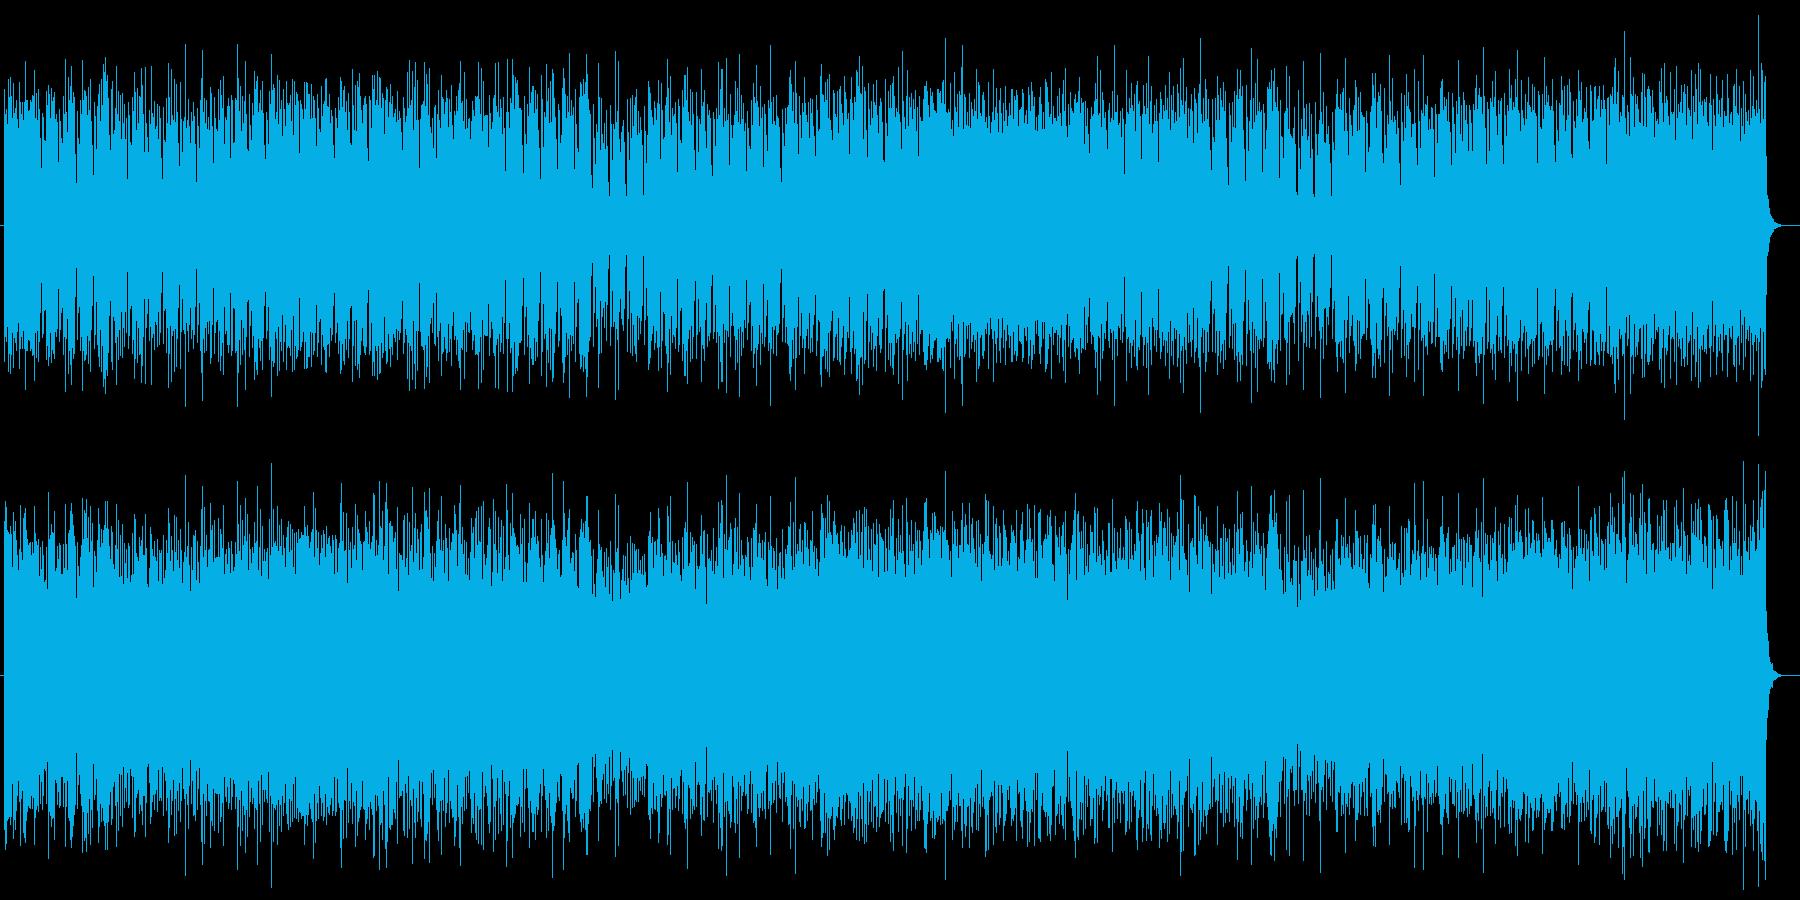 シリアス感リズムピアノシンセサイザー曲の再生済みの波形